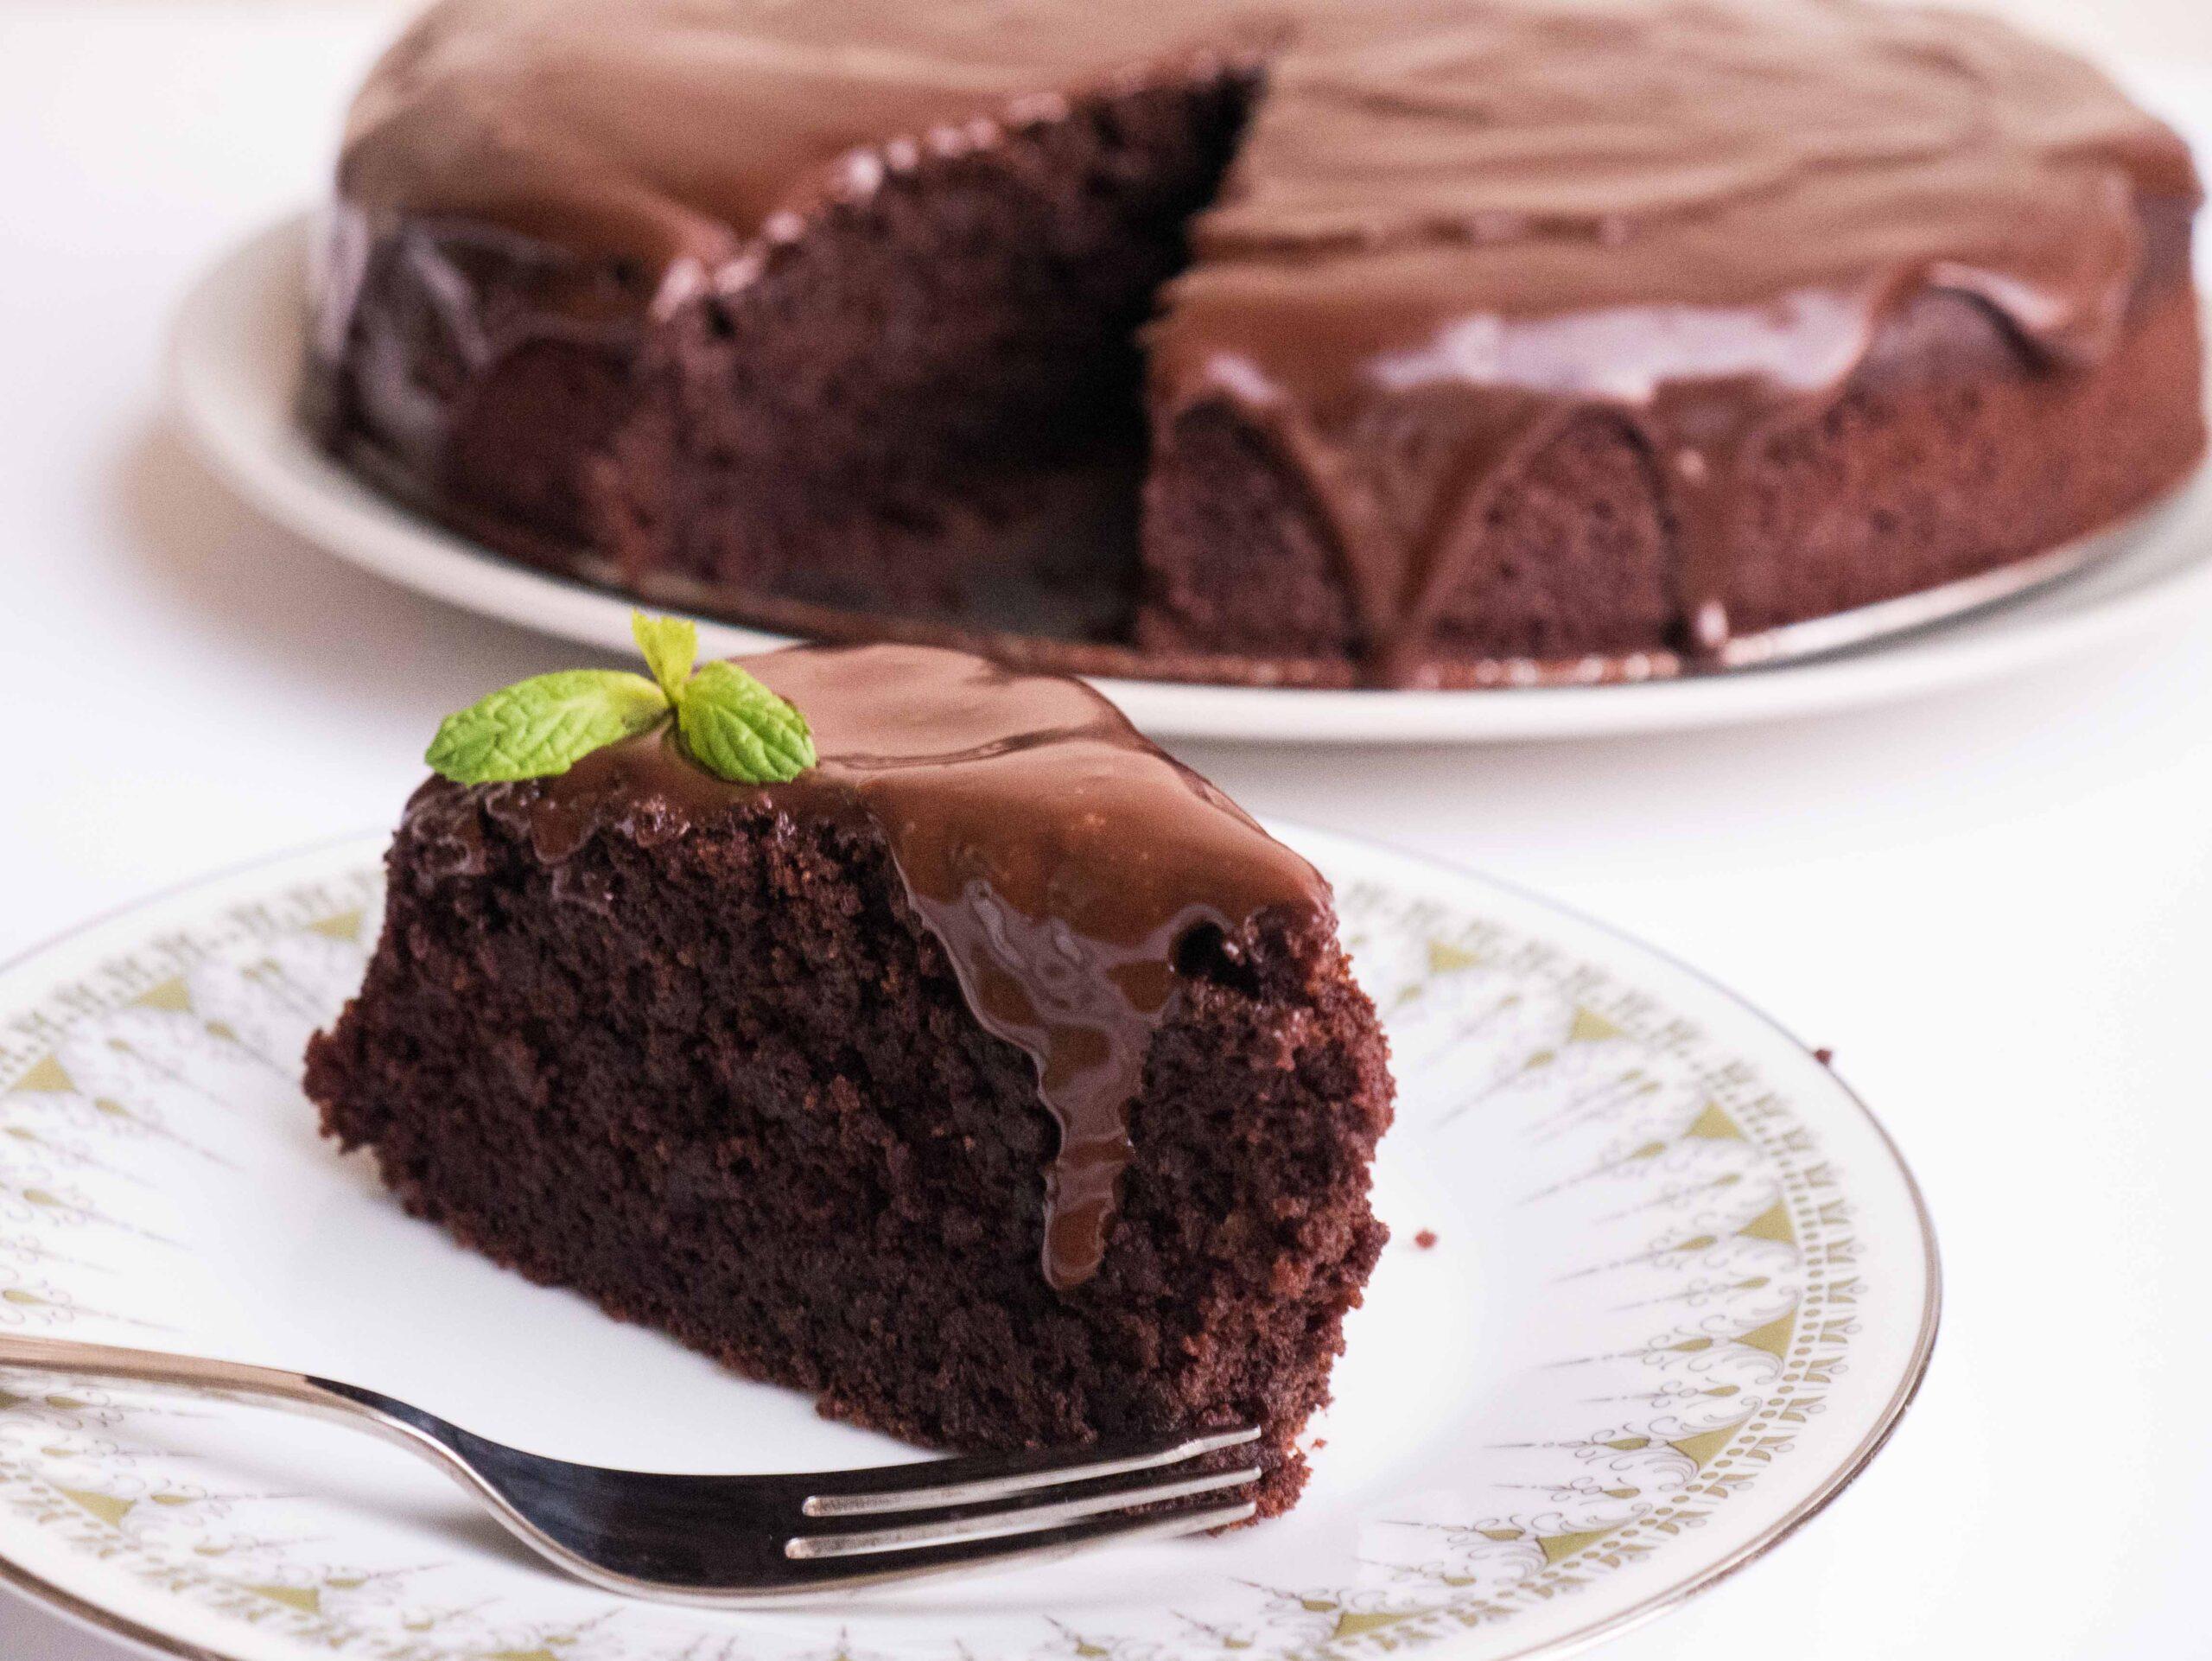 עוגת שוקולד טבעונית מושלמת לקטנים ולגדולים